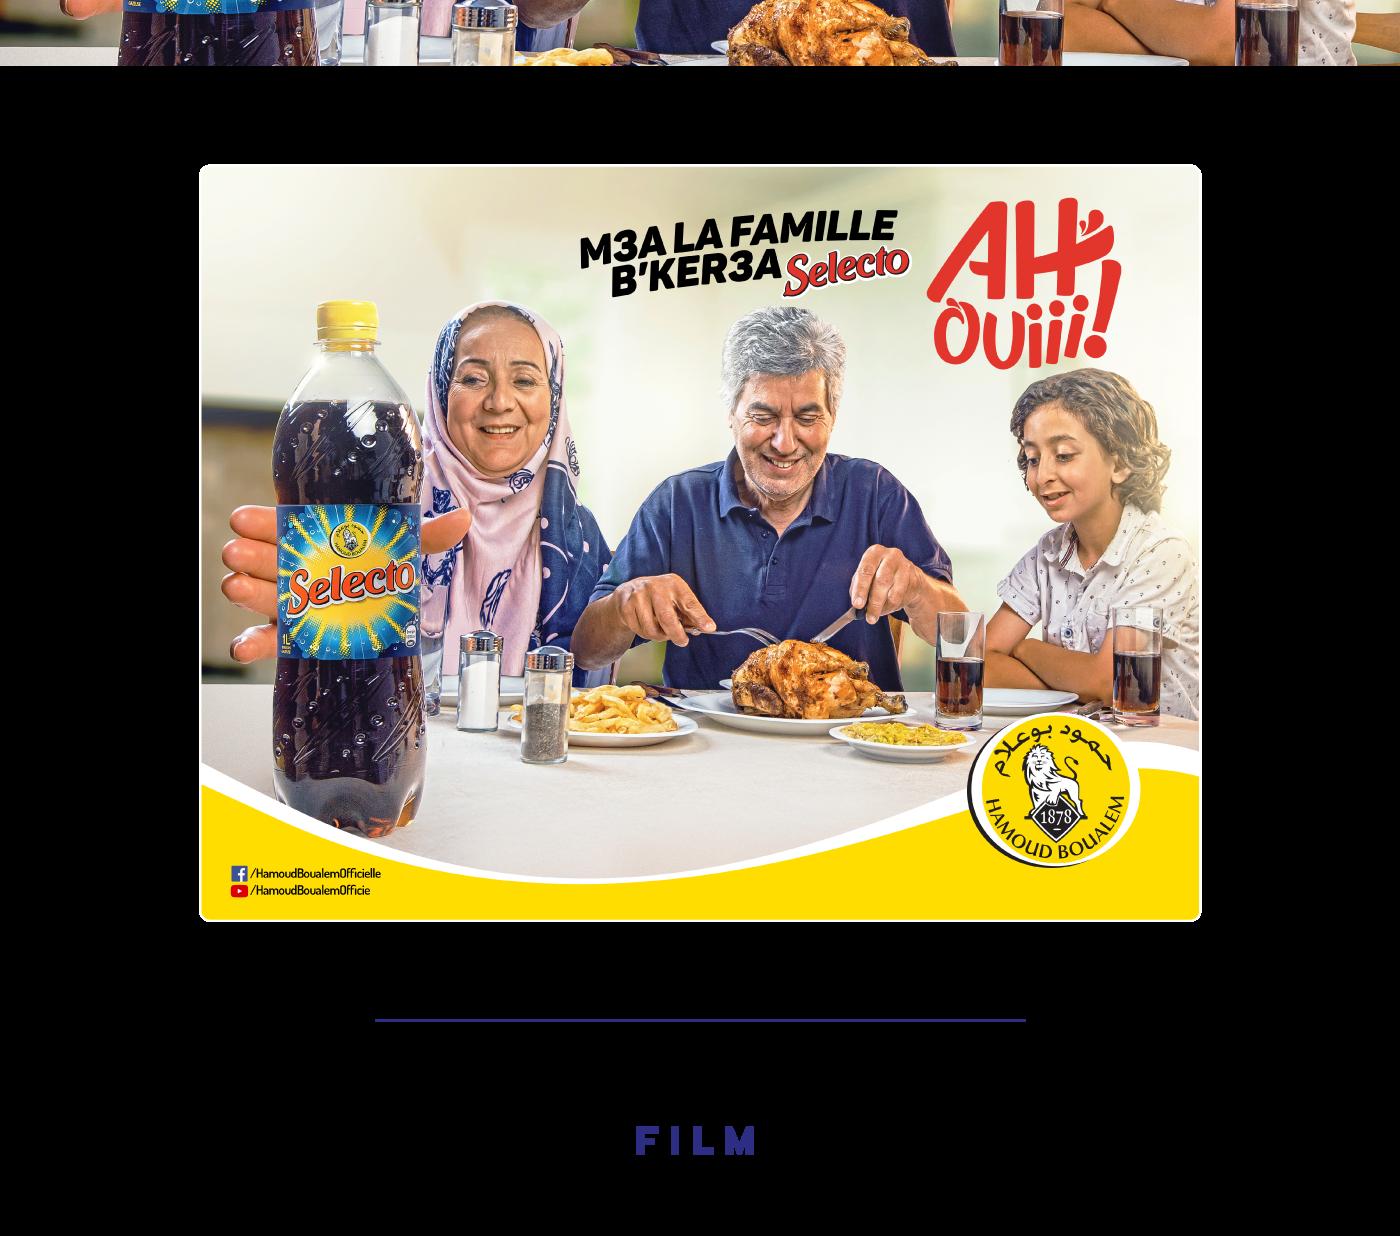 Hamoud Boualem,hamoud,Algeria,allegorie,algiers,ah oui,boisson,soda